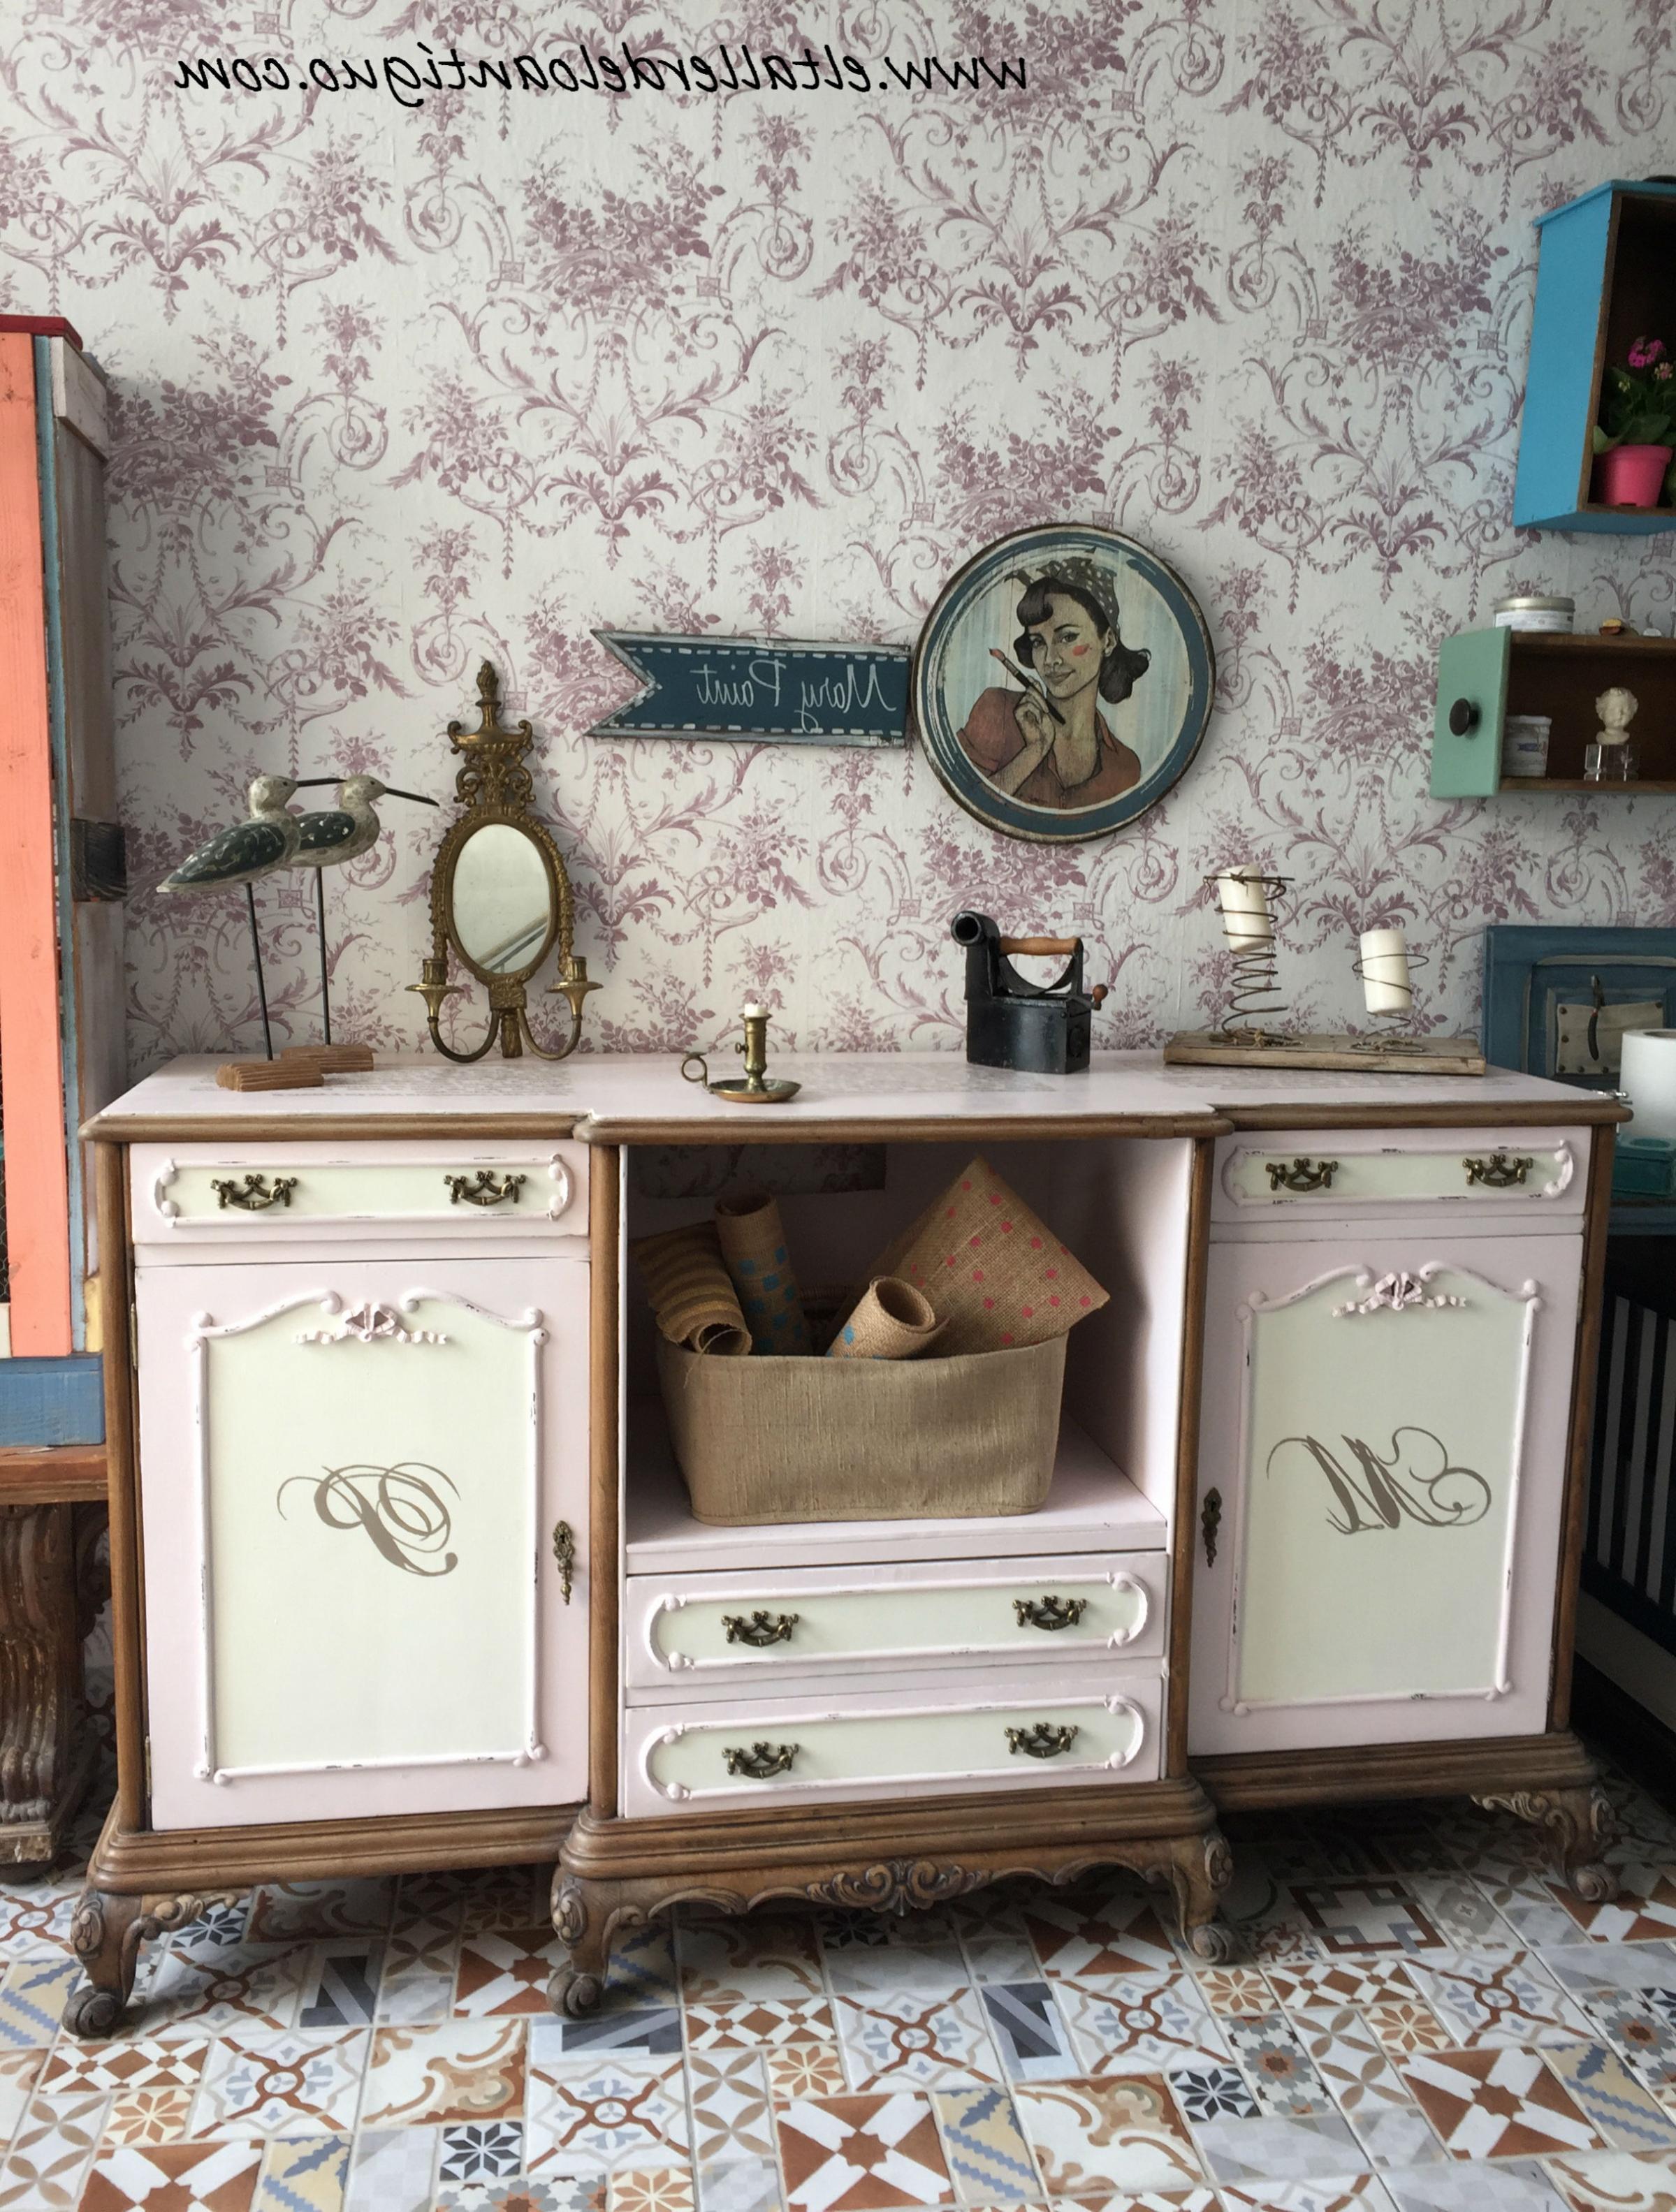 Restaurar Mueble Antiguo A Moderno T8dj Contemporà Neo Muebles Antiguos Pa Molde Muebles De DiseO Moderno